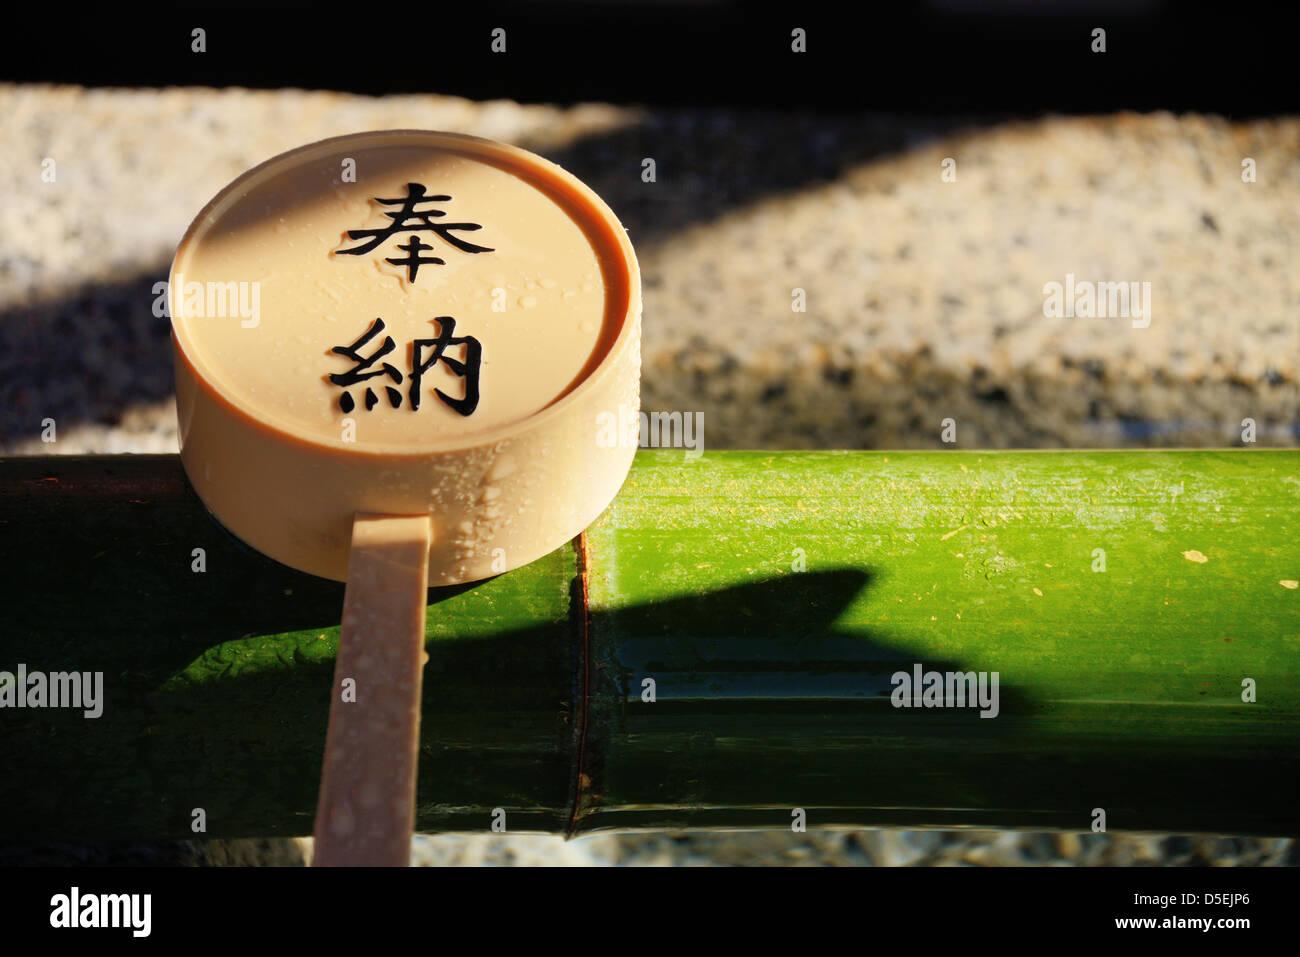 """Kugel set auf eine rituelle Tsukubai Hand-Waschbecken mit japanischen Kanji-Zeichen lesen """"Hingabe."""" Stockbild"""